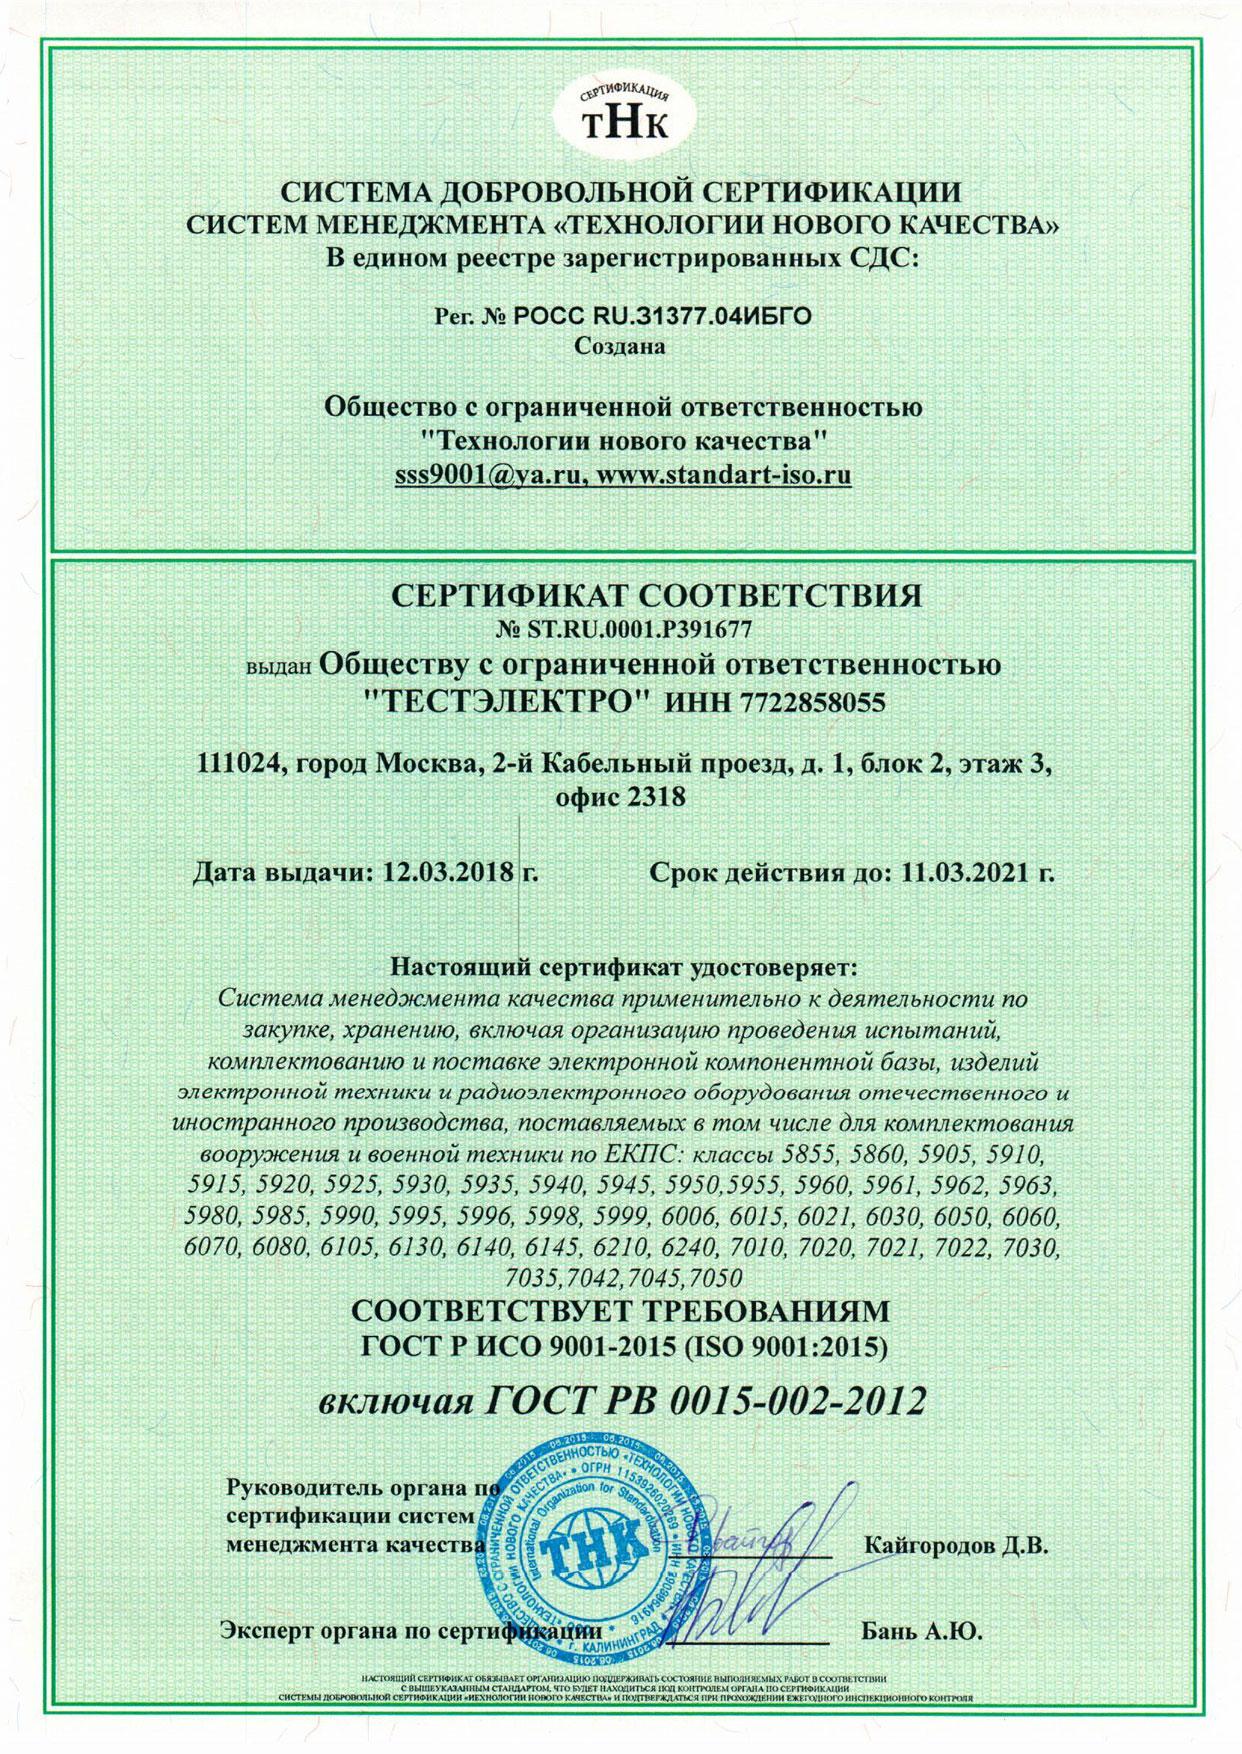 Сертификат ИСО, ГОСТ РВ